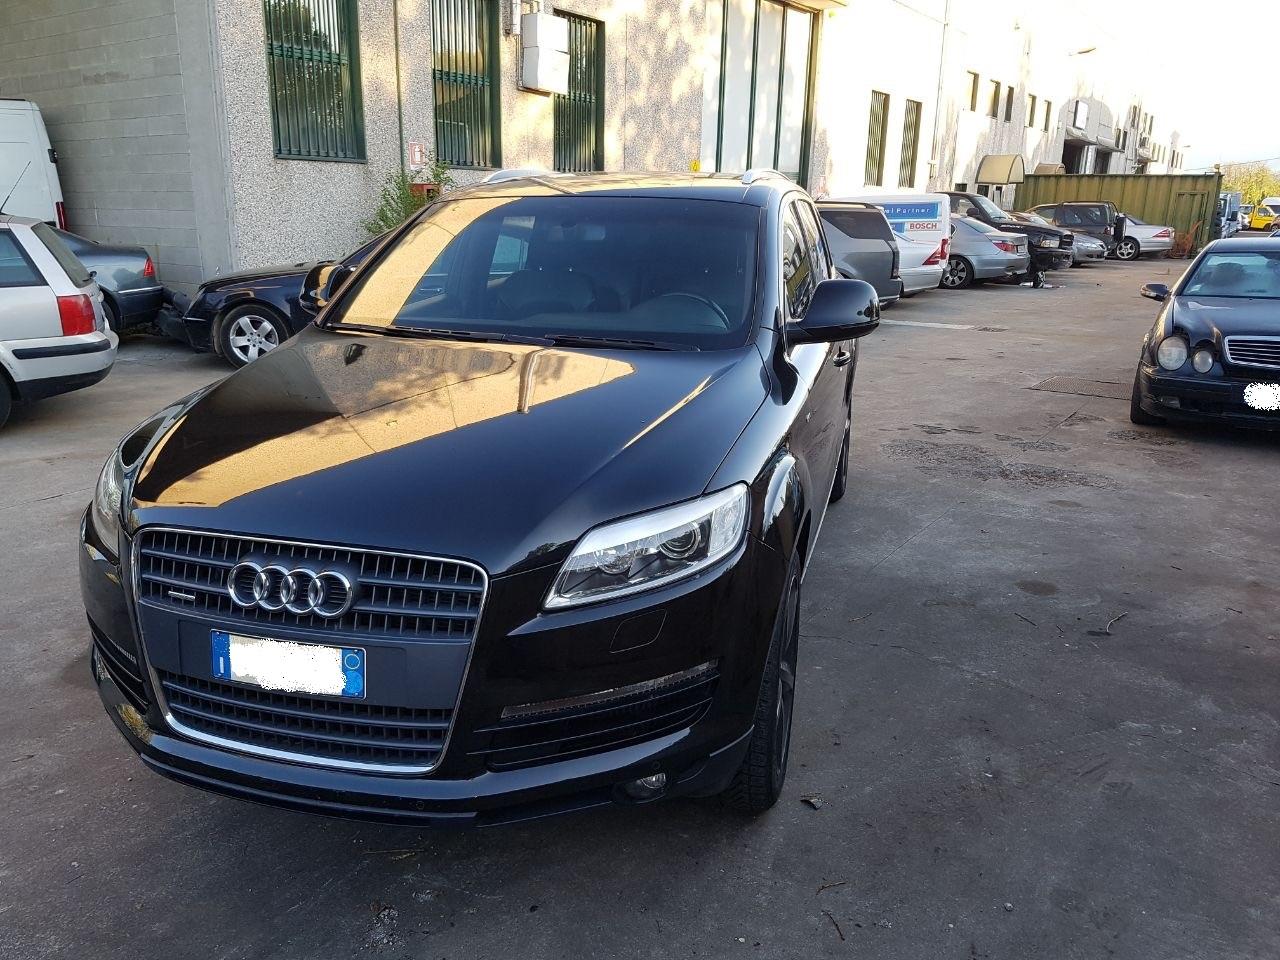 Autovettura Audi Q7 3.0D